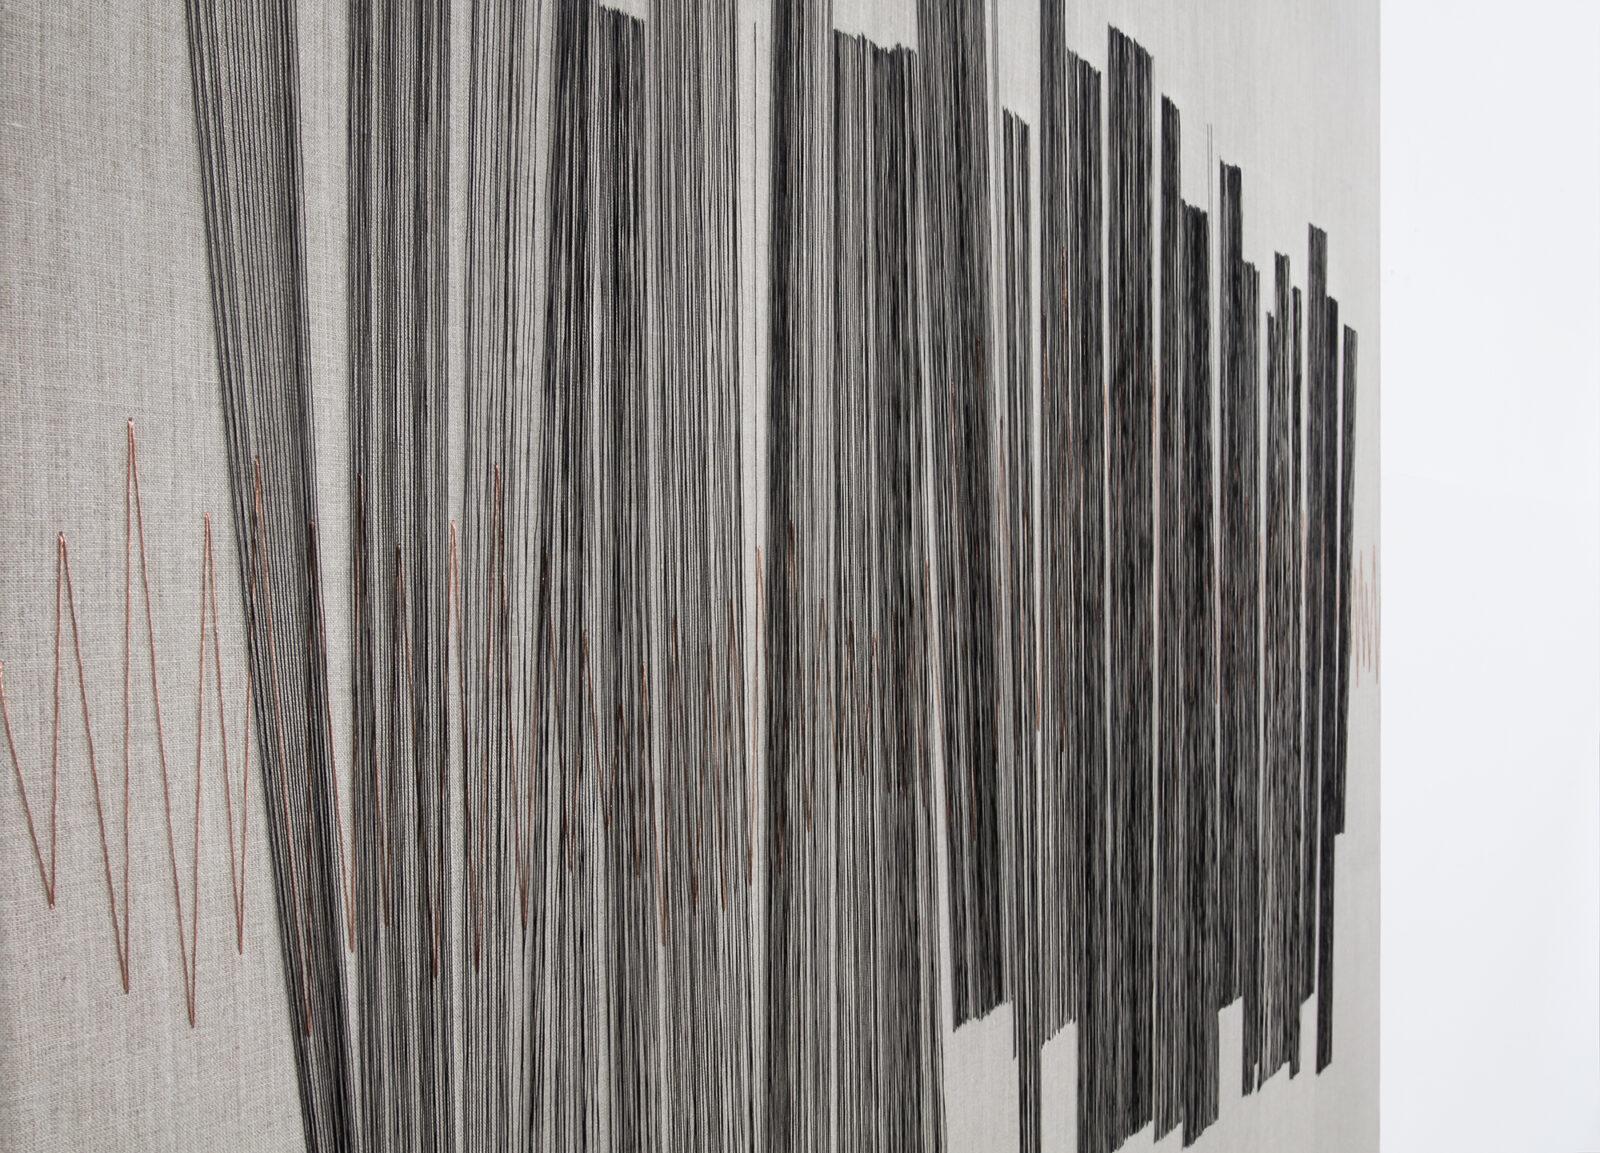 Vibration I Detail